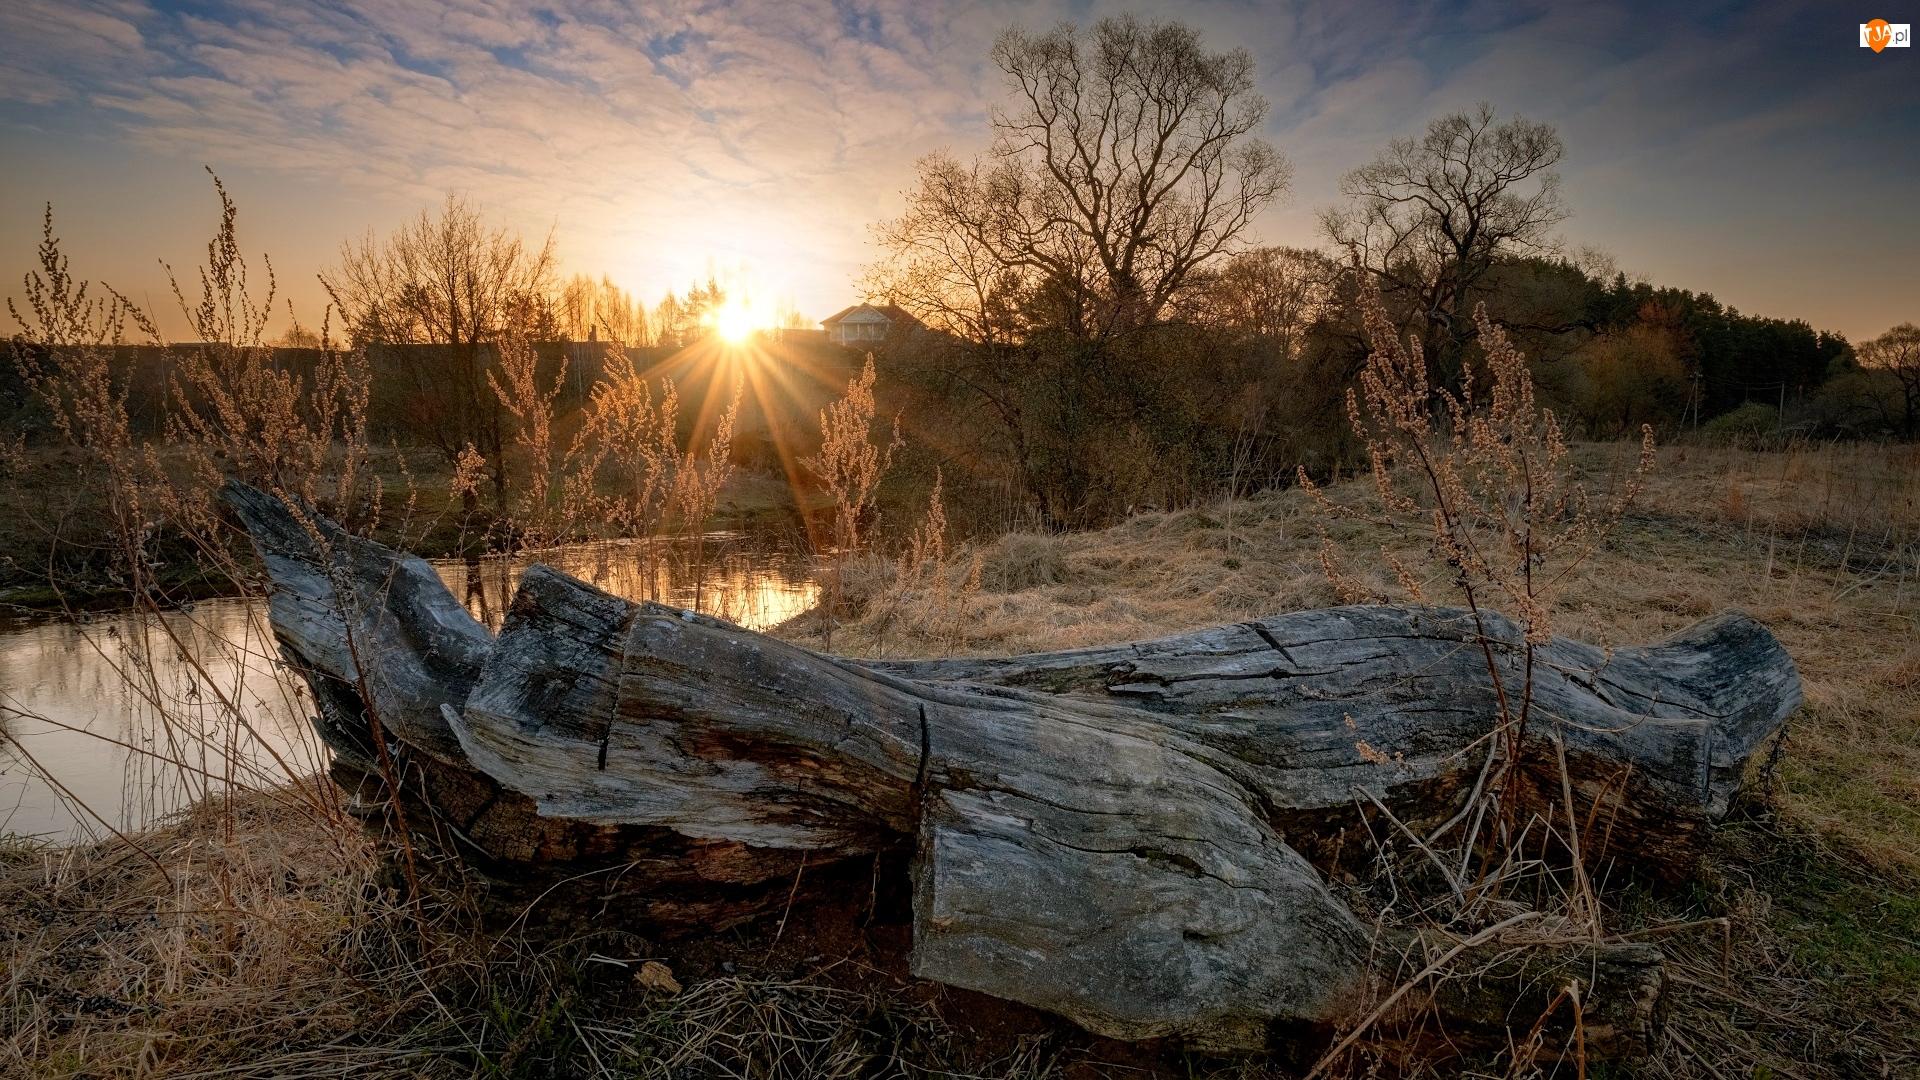 Pień, Wschód słońca, Rzeka, Drzewa